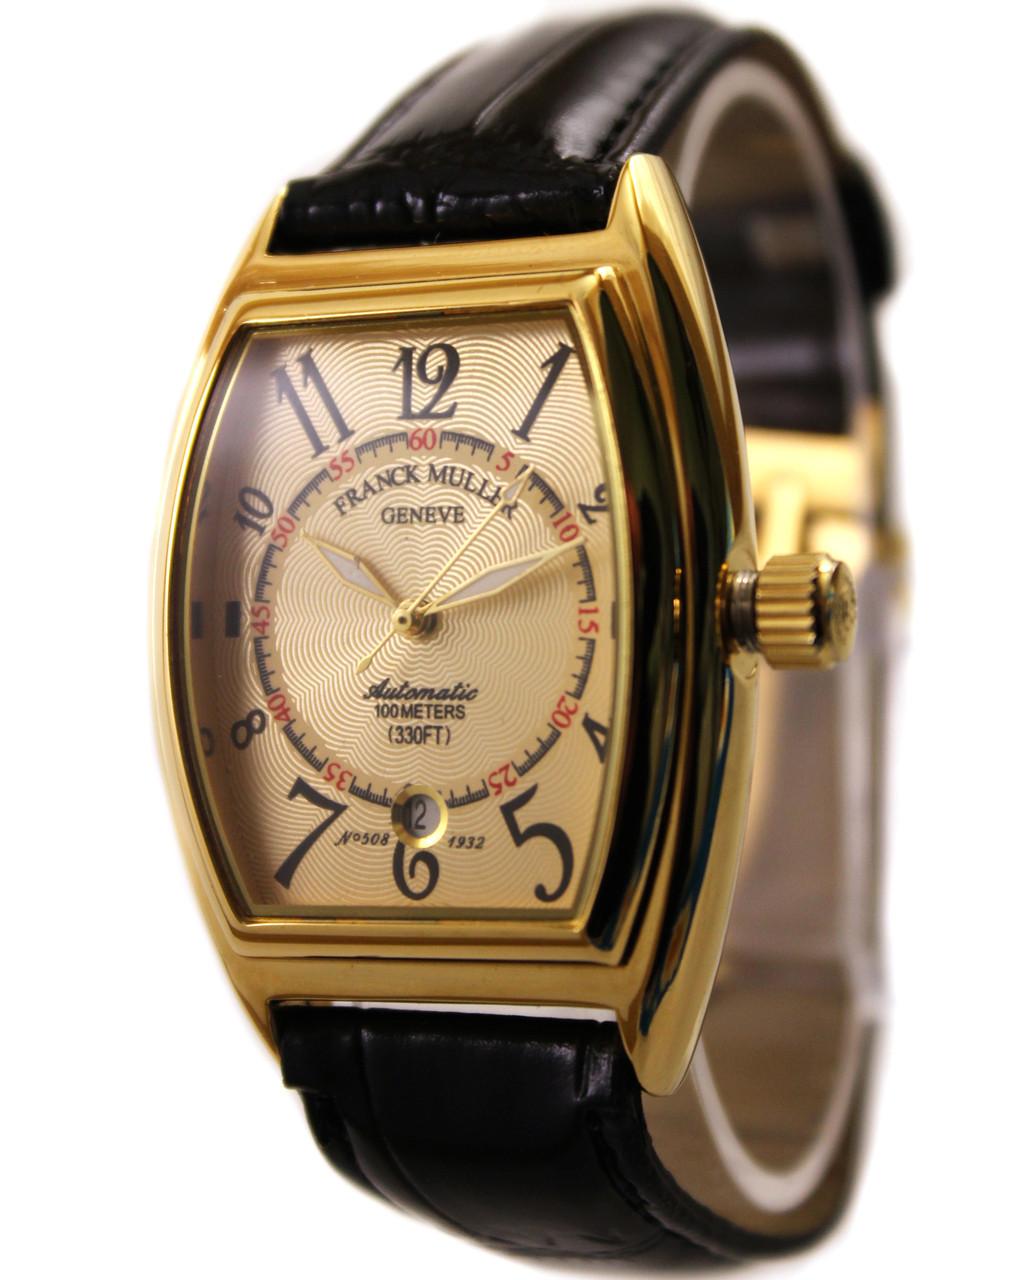 091559311c64 Механические мужские наручные часы с автоподзаводом Franck Muller - OptMan  - самые низкие цены в Украине